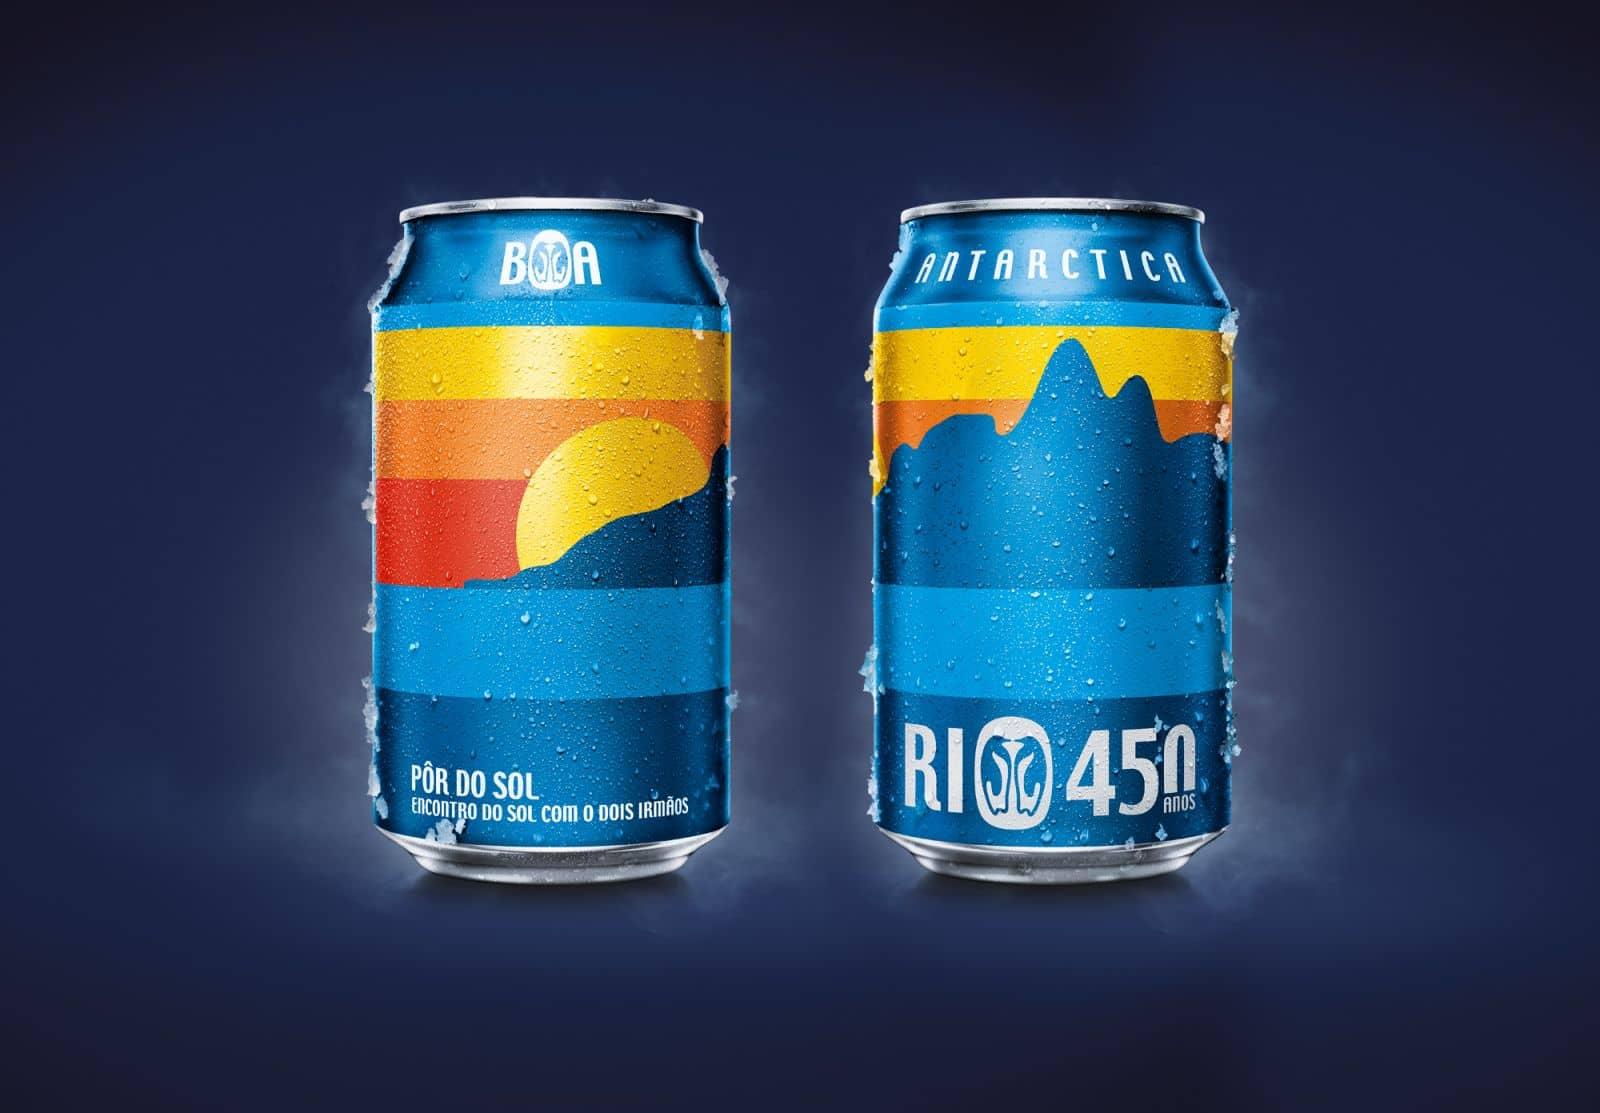 Antarctica_Rio-450_Por_do_Sol